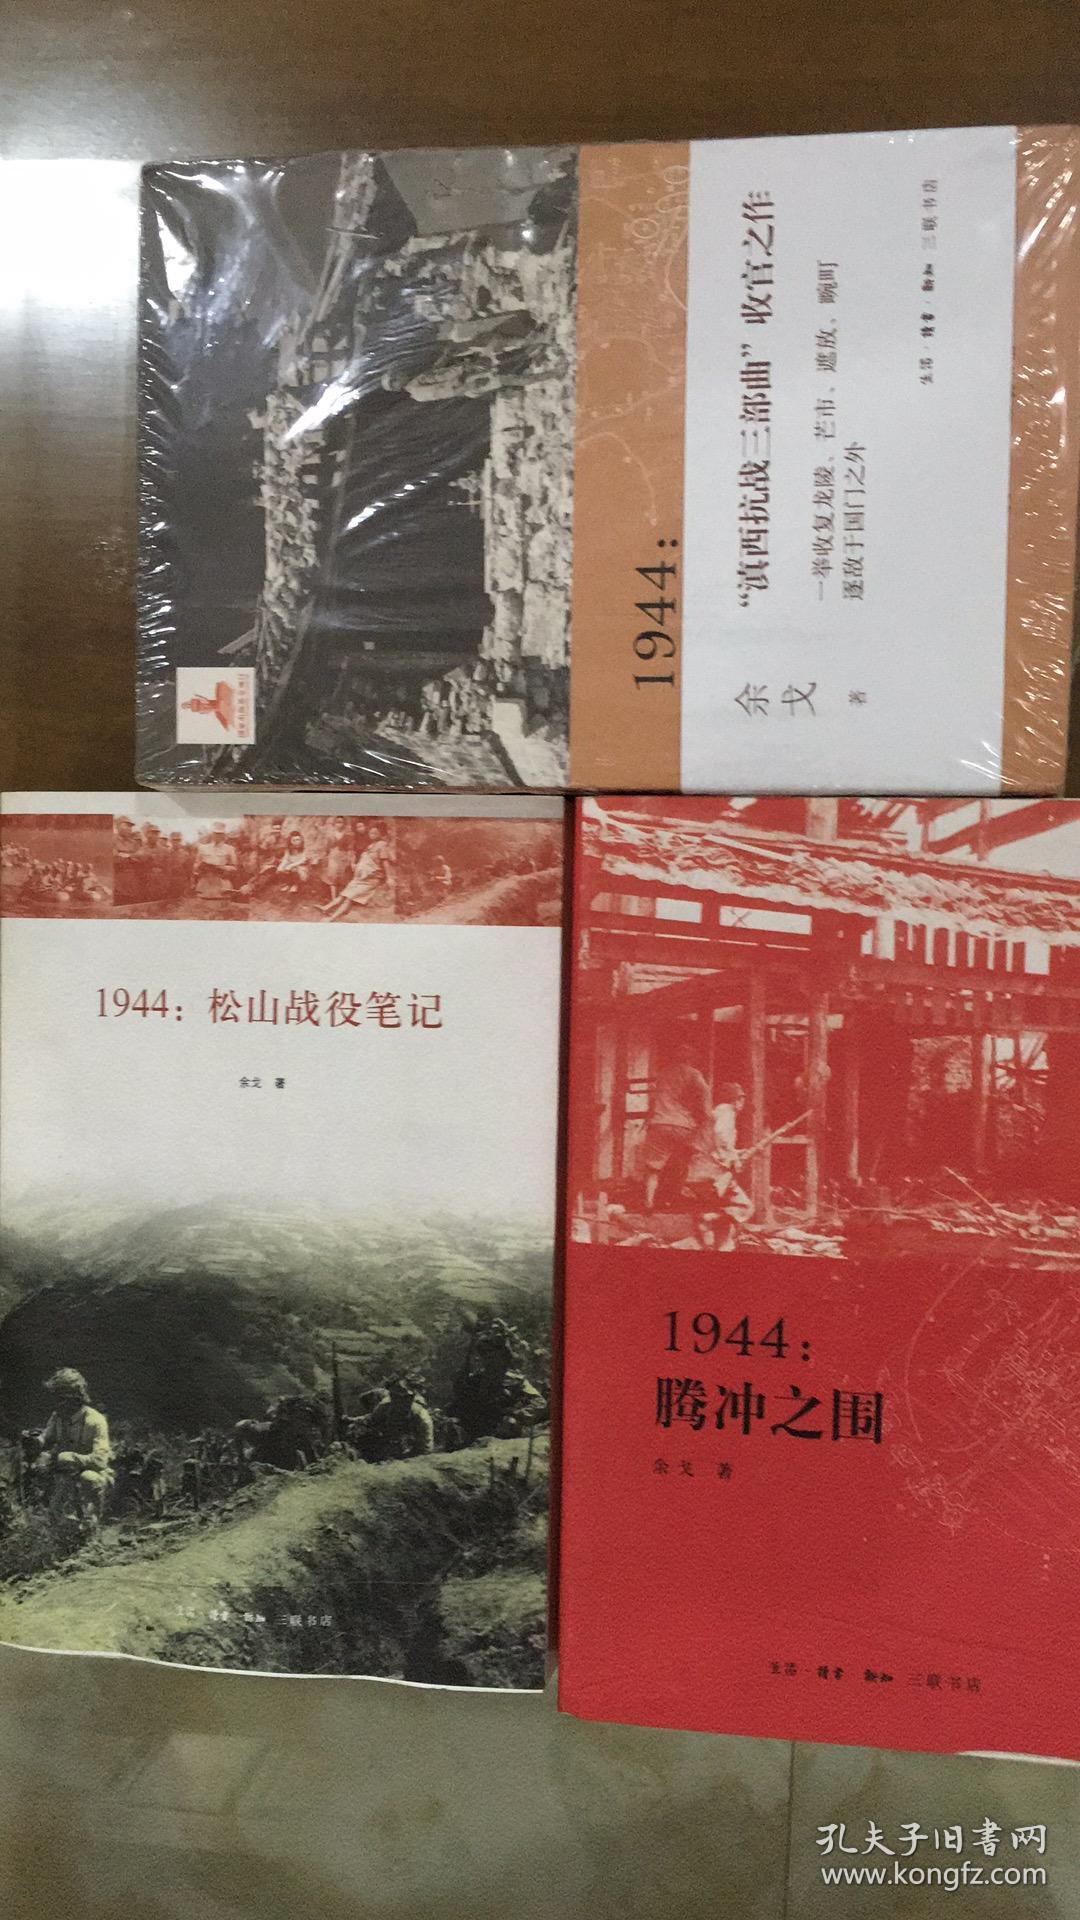 1944:龙陵会战(赠送图册)